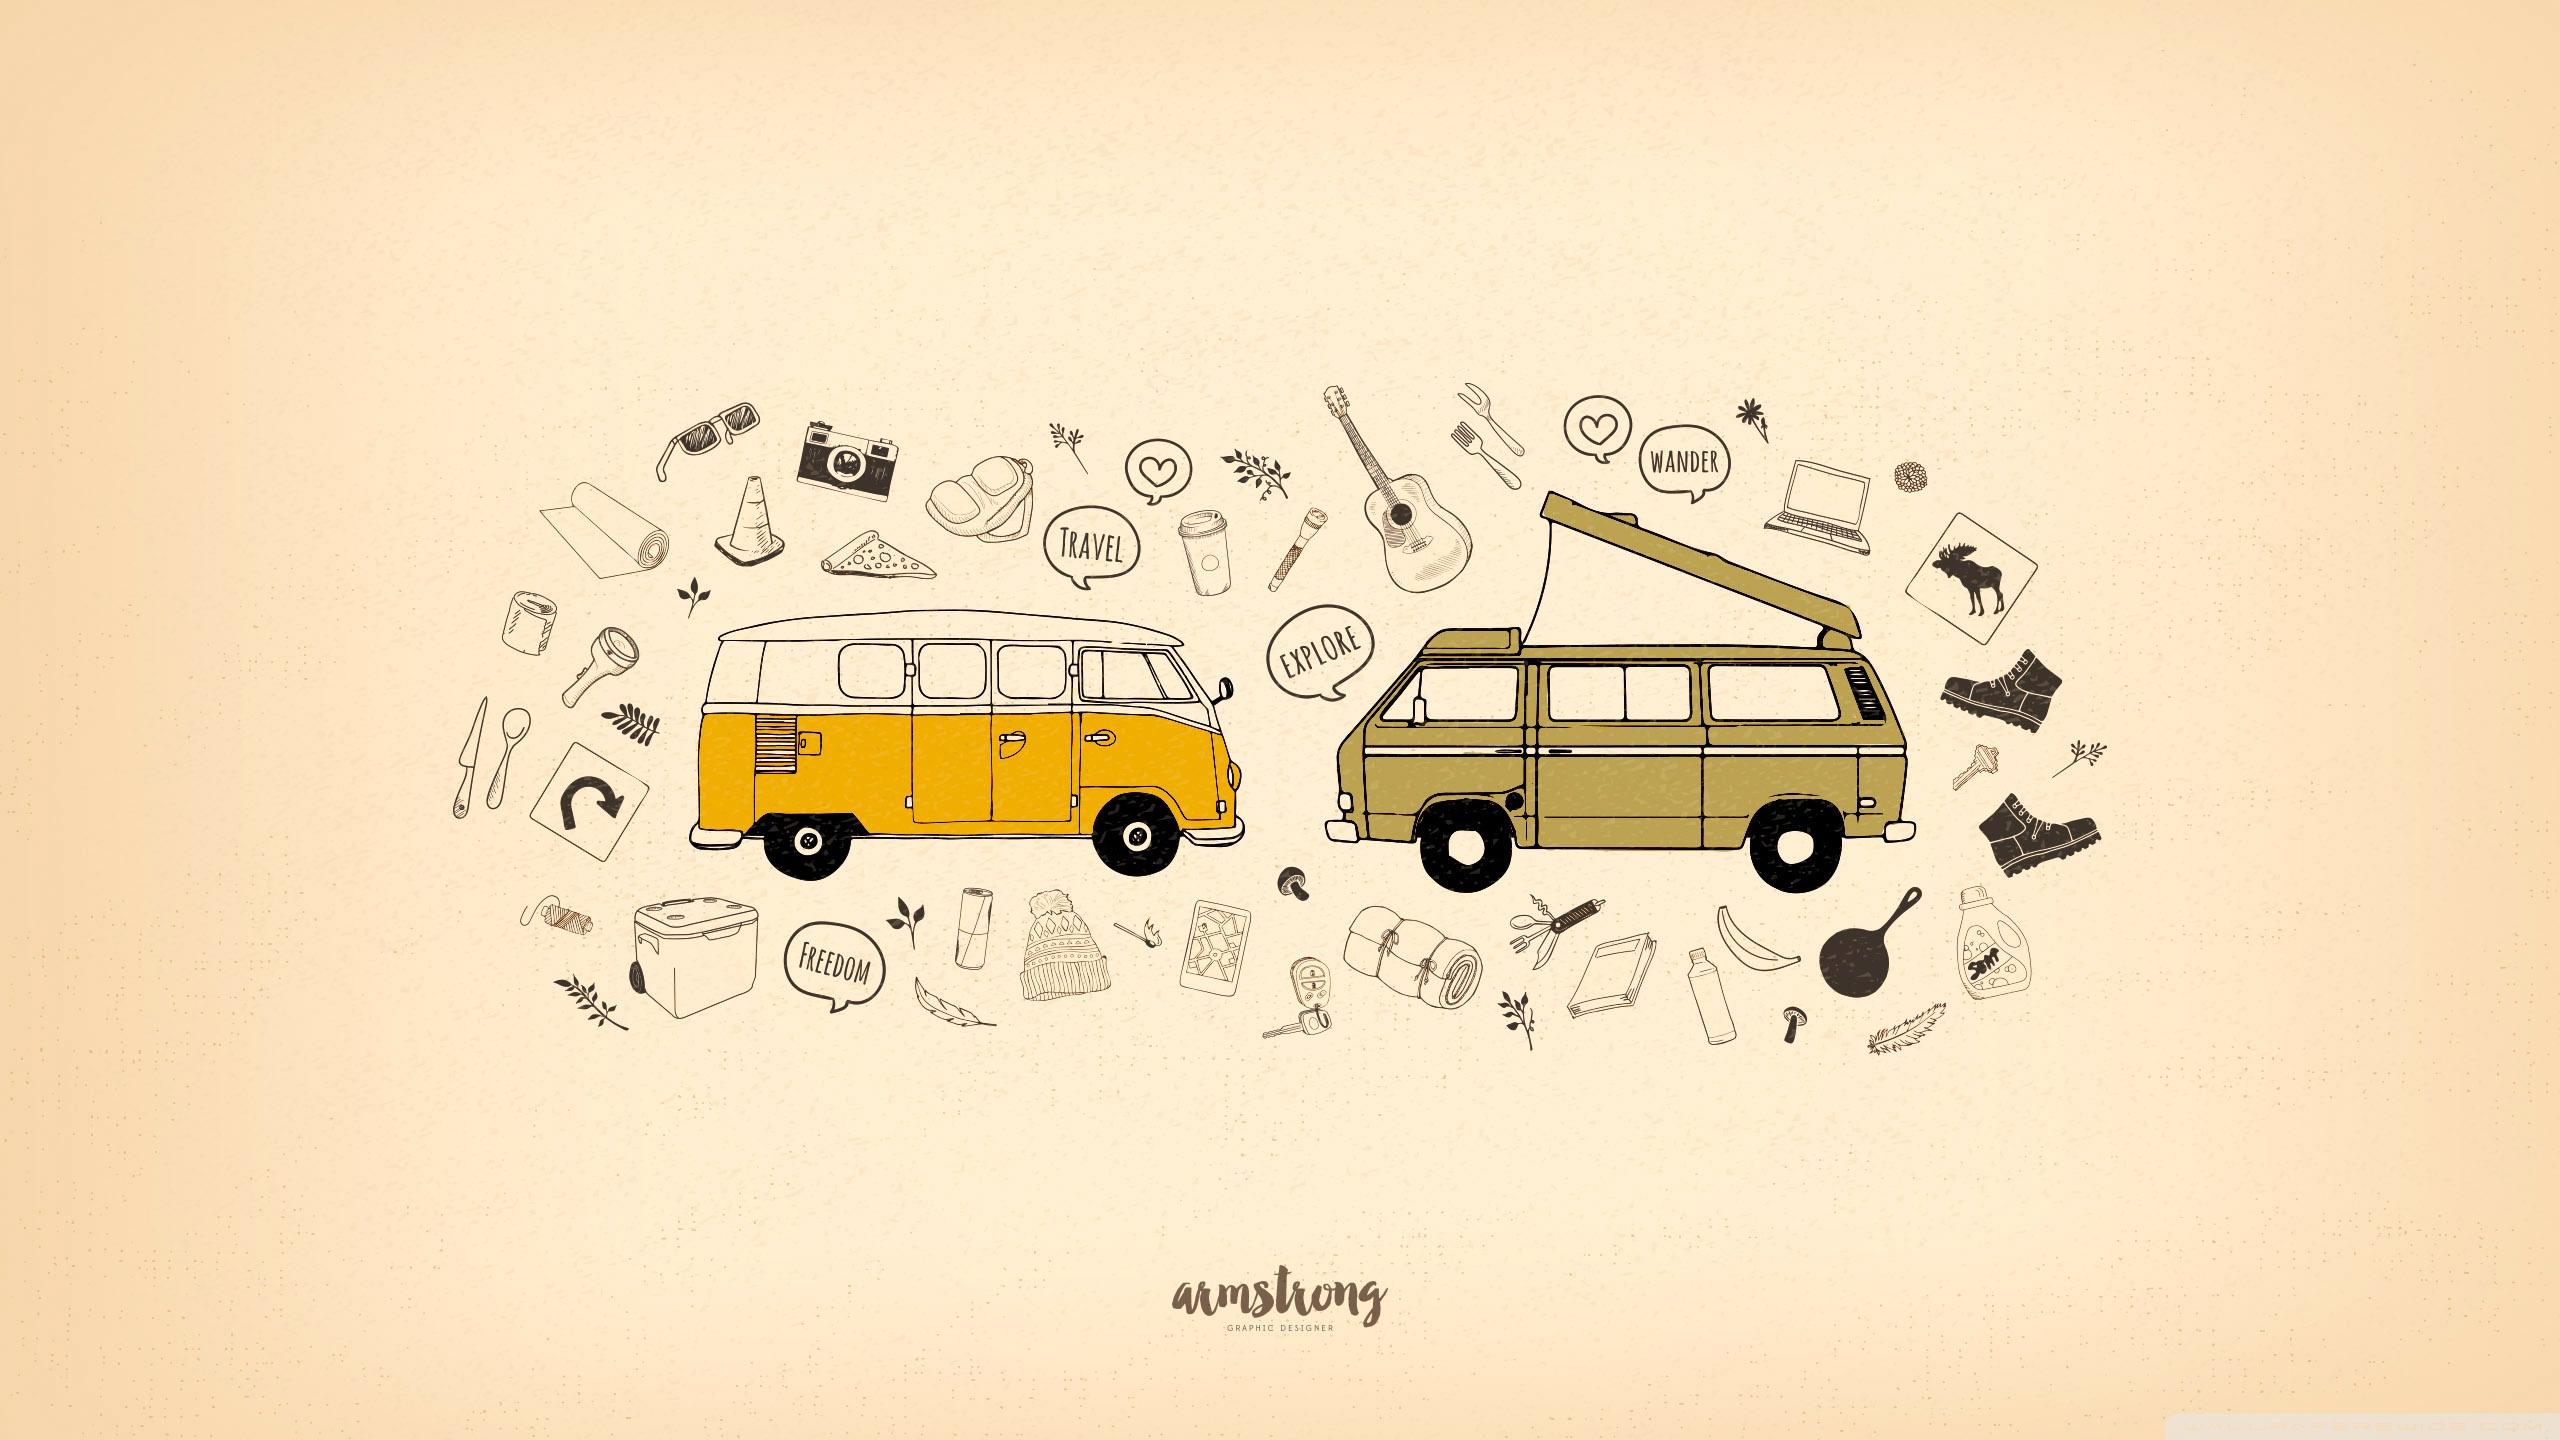 Van Life Wallpapers   Top Van Life Backgrounds   WallpaperAccess 2560x1440